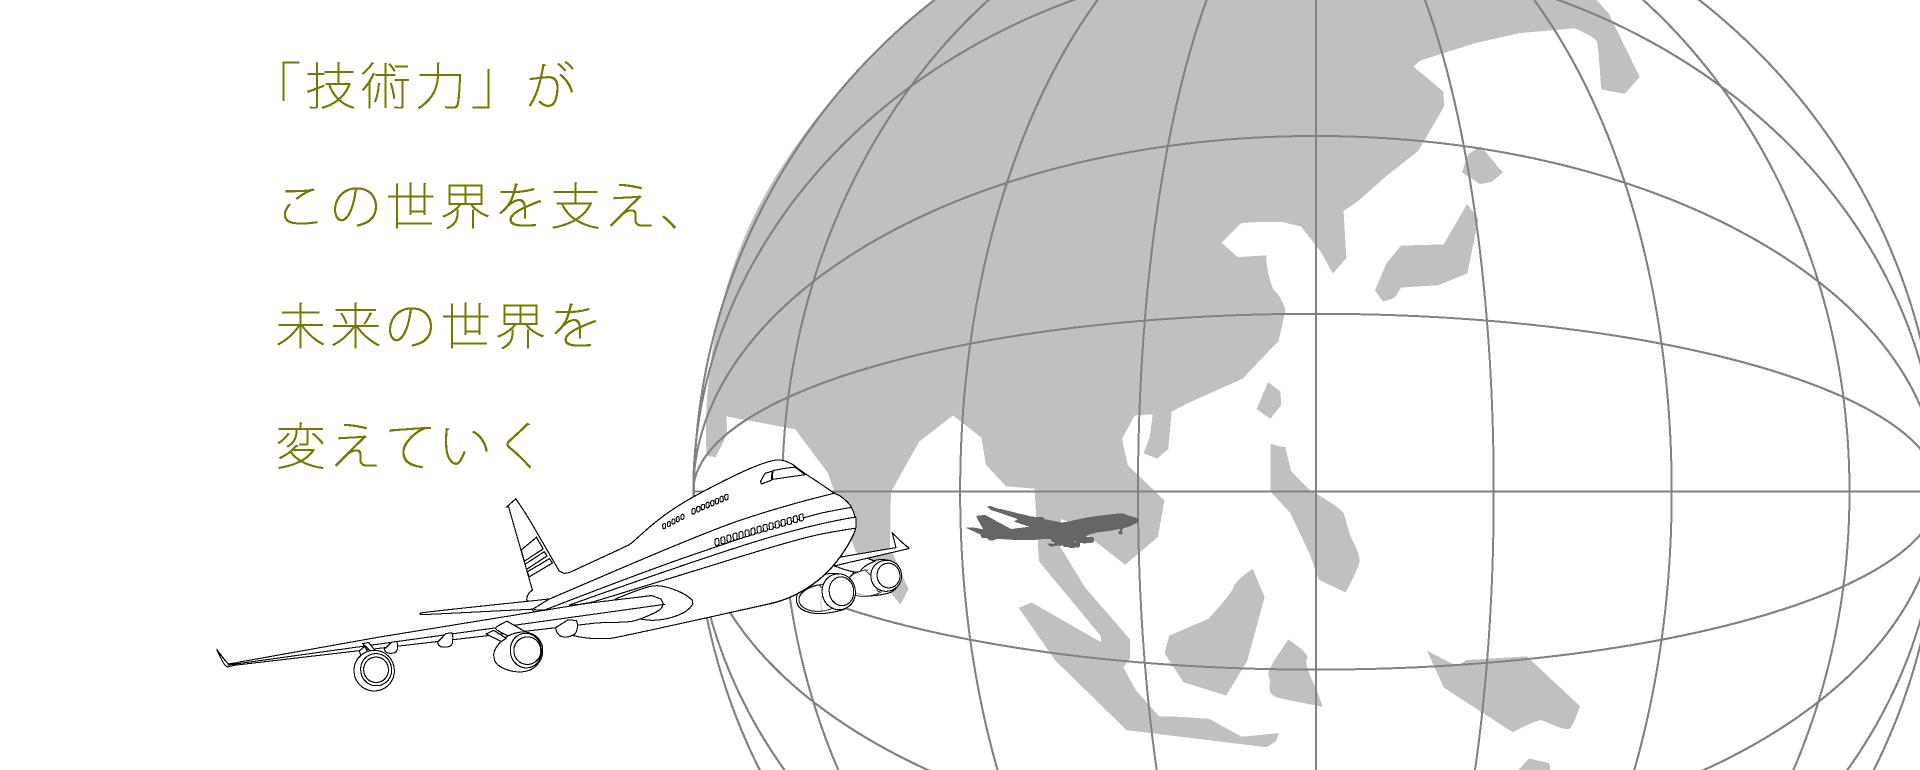 「技術力」がこの世界を支え、未来の世界を変えていく